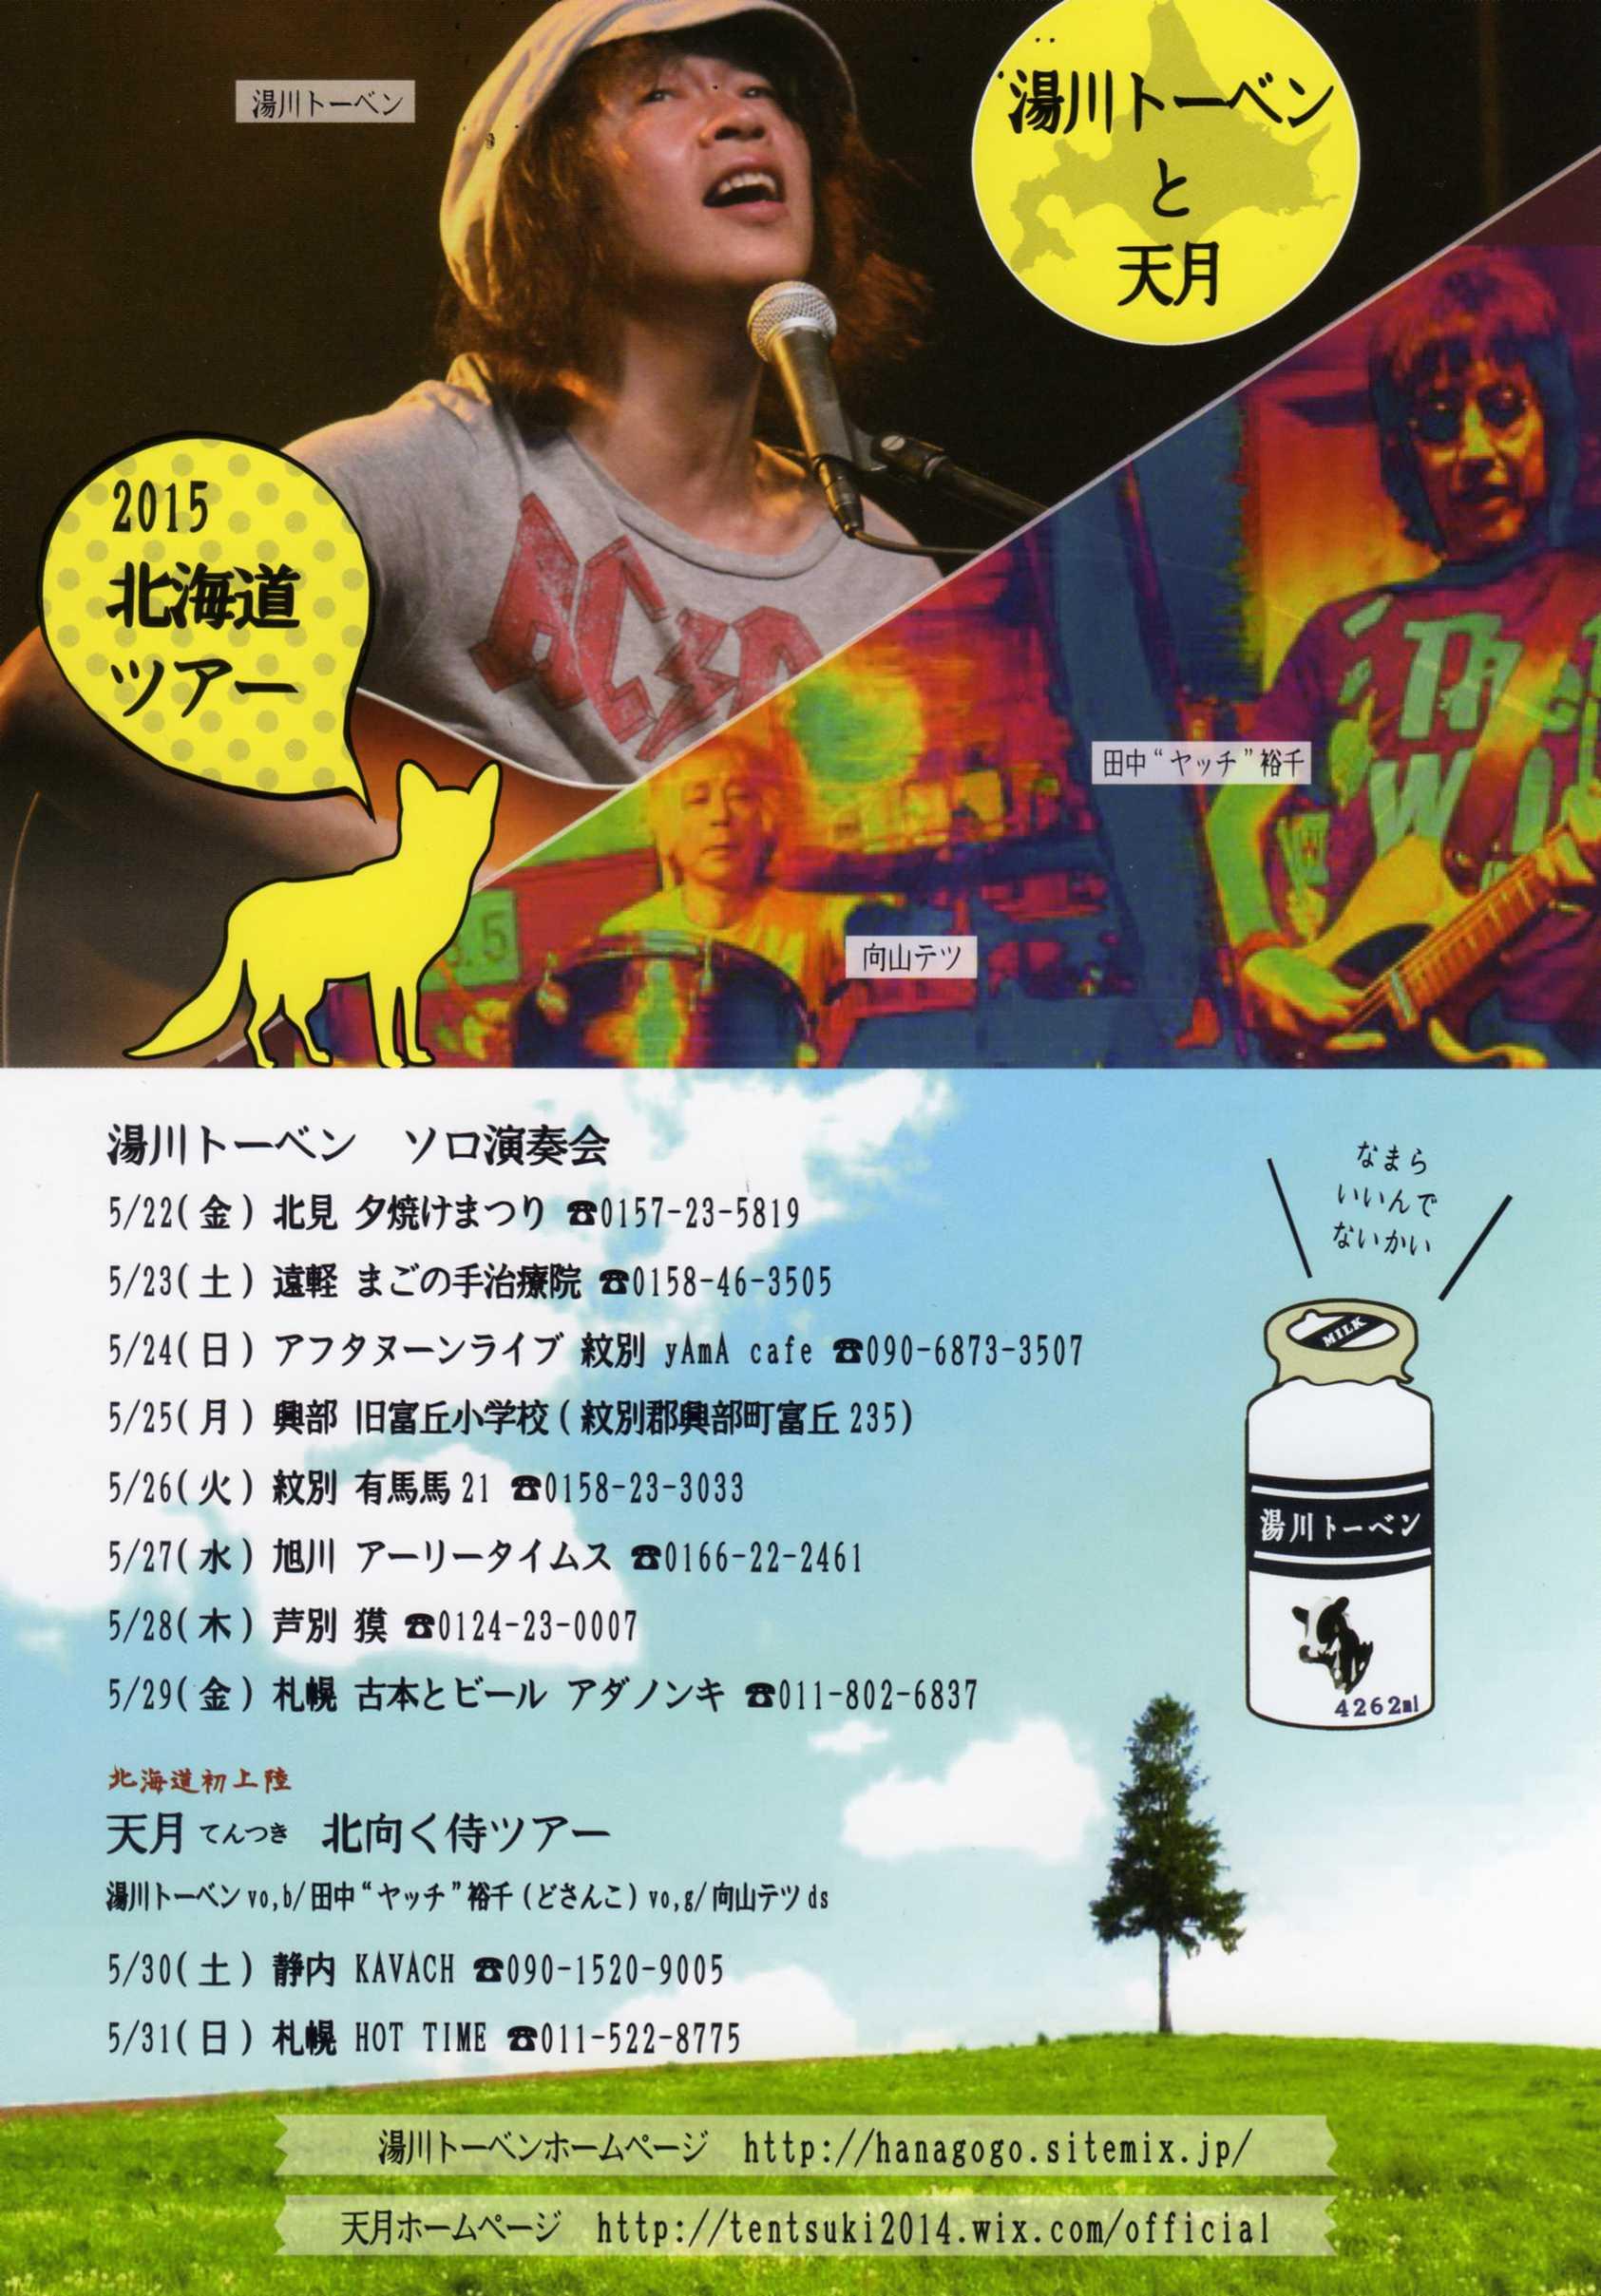 湯川トーベン 2015北海道ツアー_c0154020_20395254.jpg